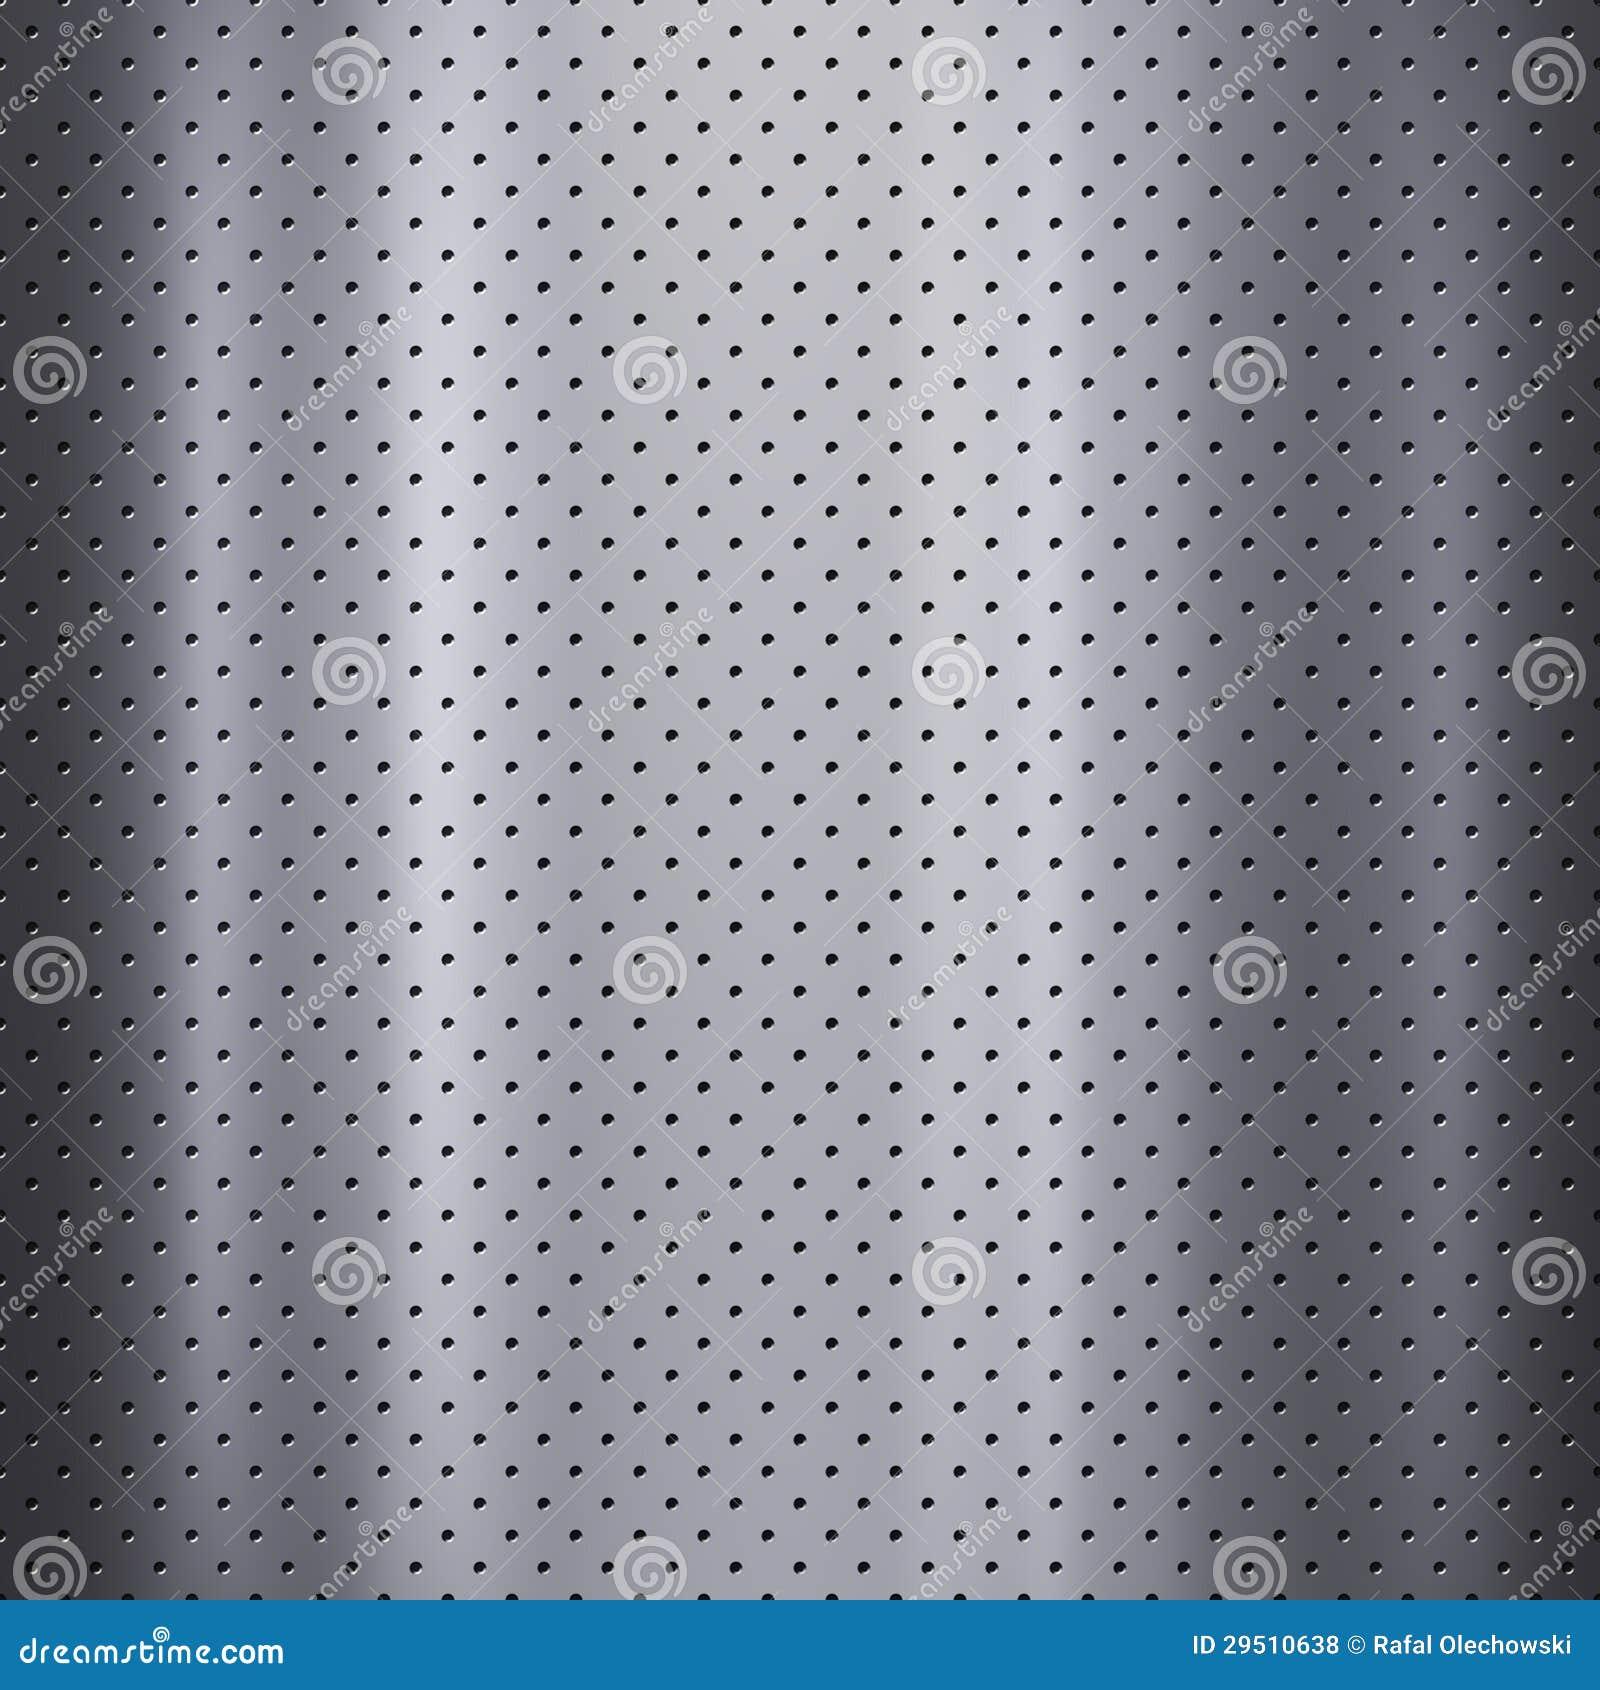 Het netwerkachtergrond of textuur van het metaal